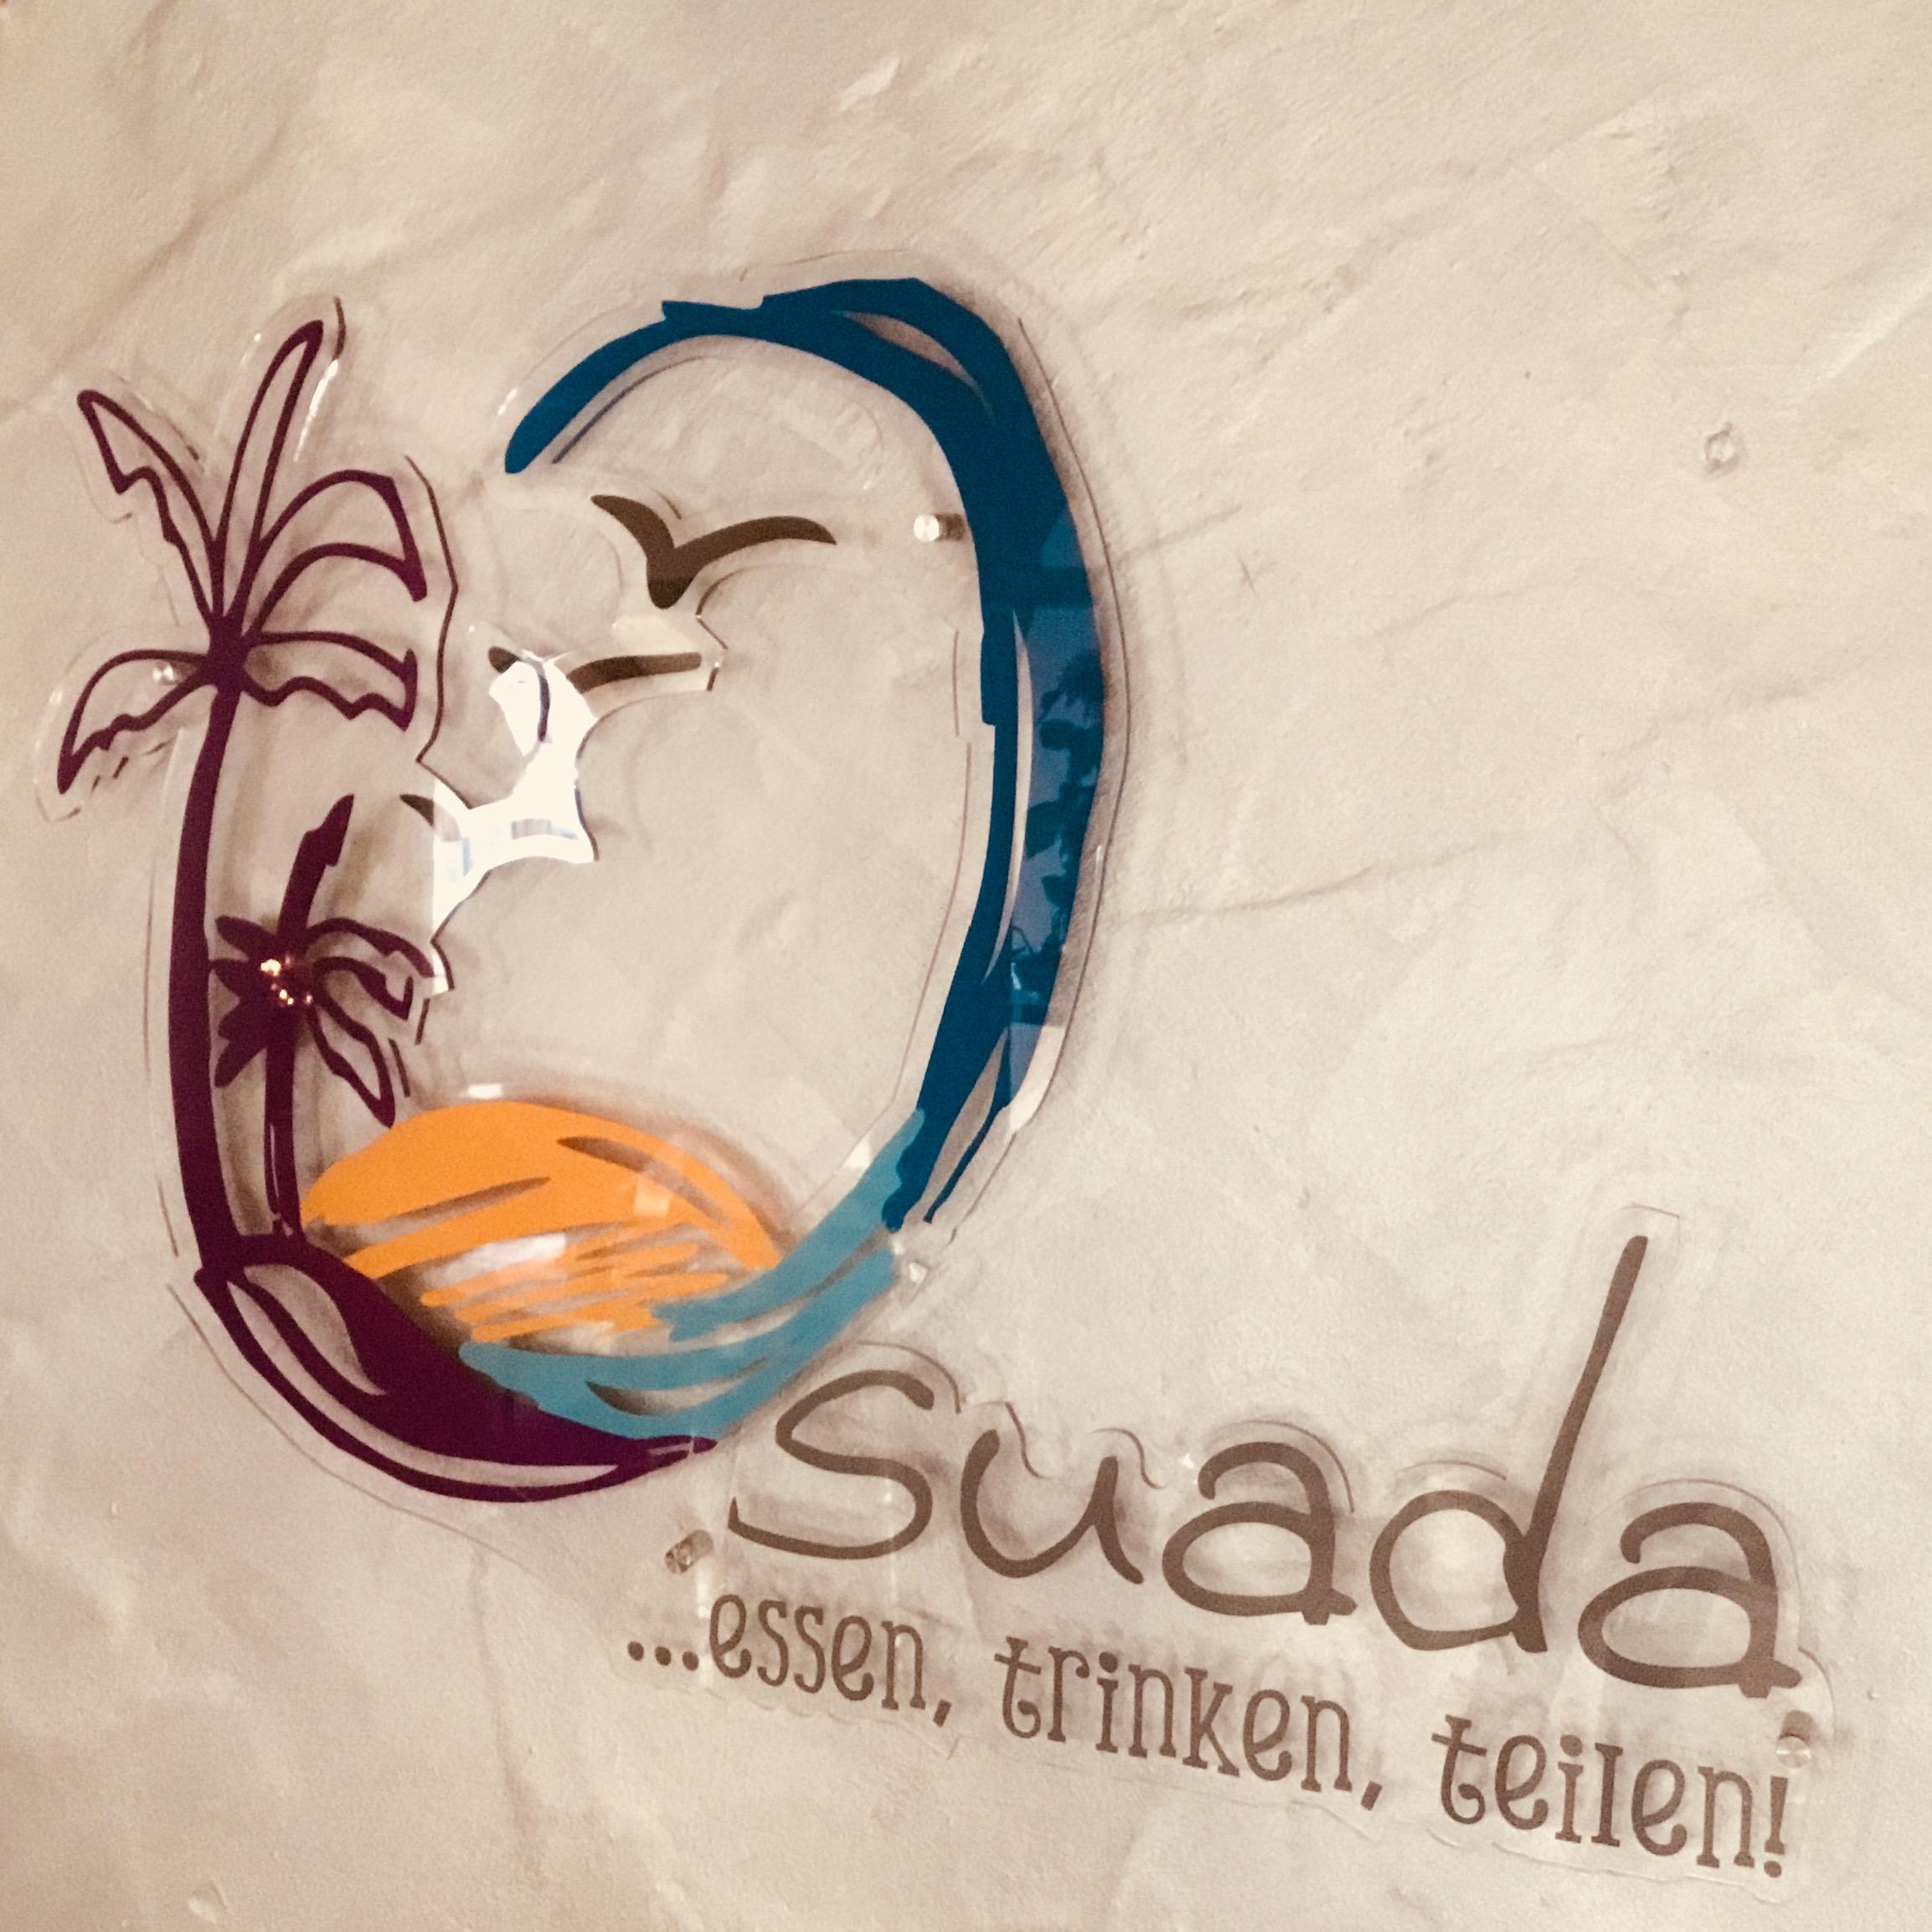 Bild zu Café Suada in Mosbach in Baden